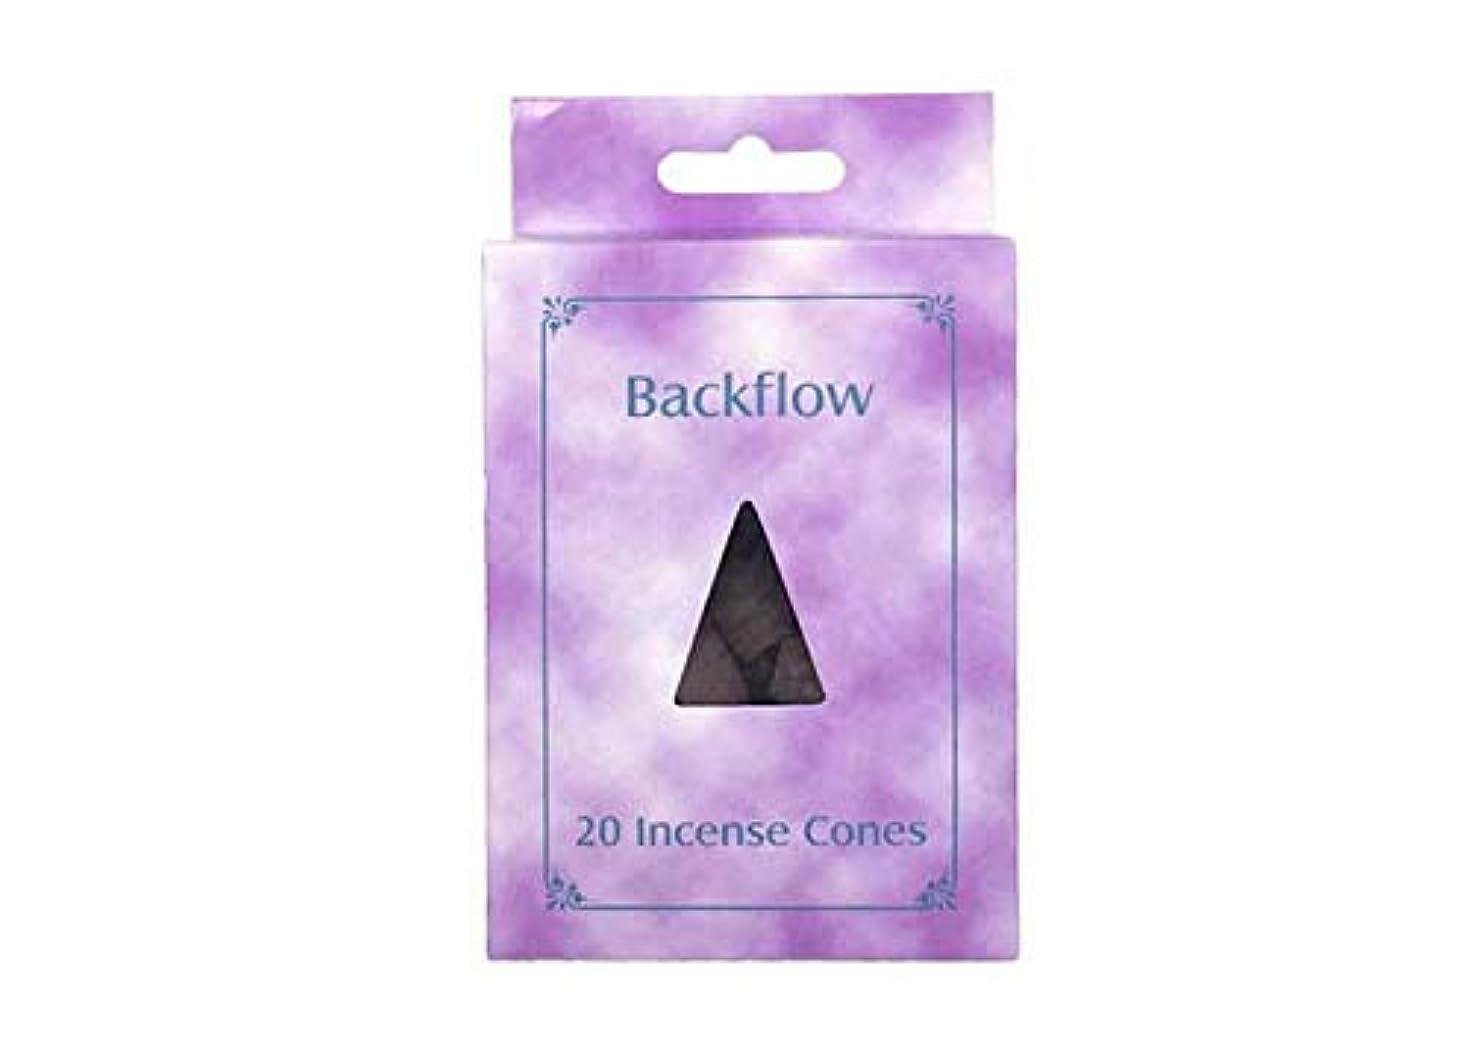 盲目鮮やかな寸前お香 逆流コーン 逆流香 20p ローズ Backflow Incense Cones 20p Rose